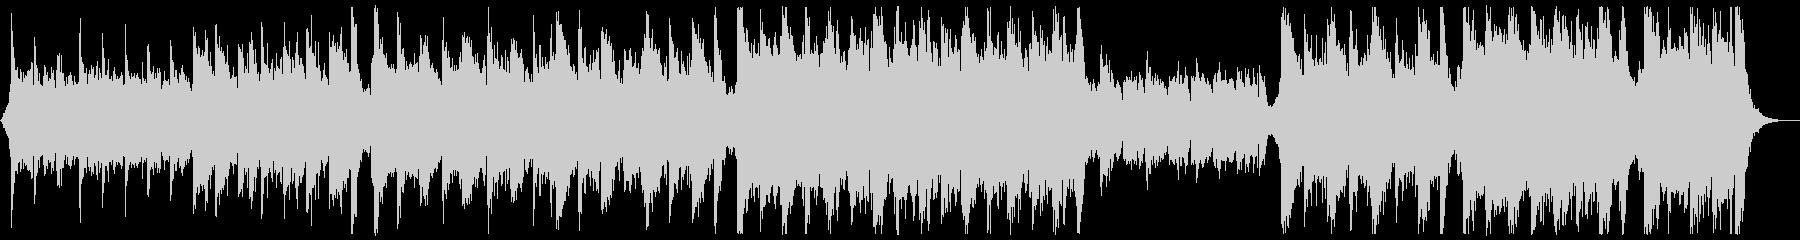 華やかなピアノ&オーケストラ x1回の未再生の波形